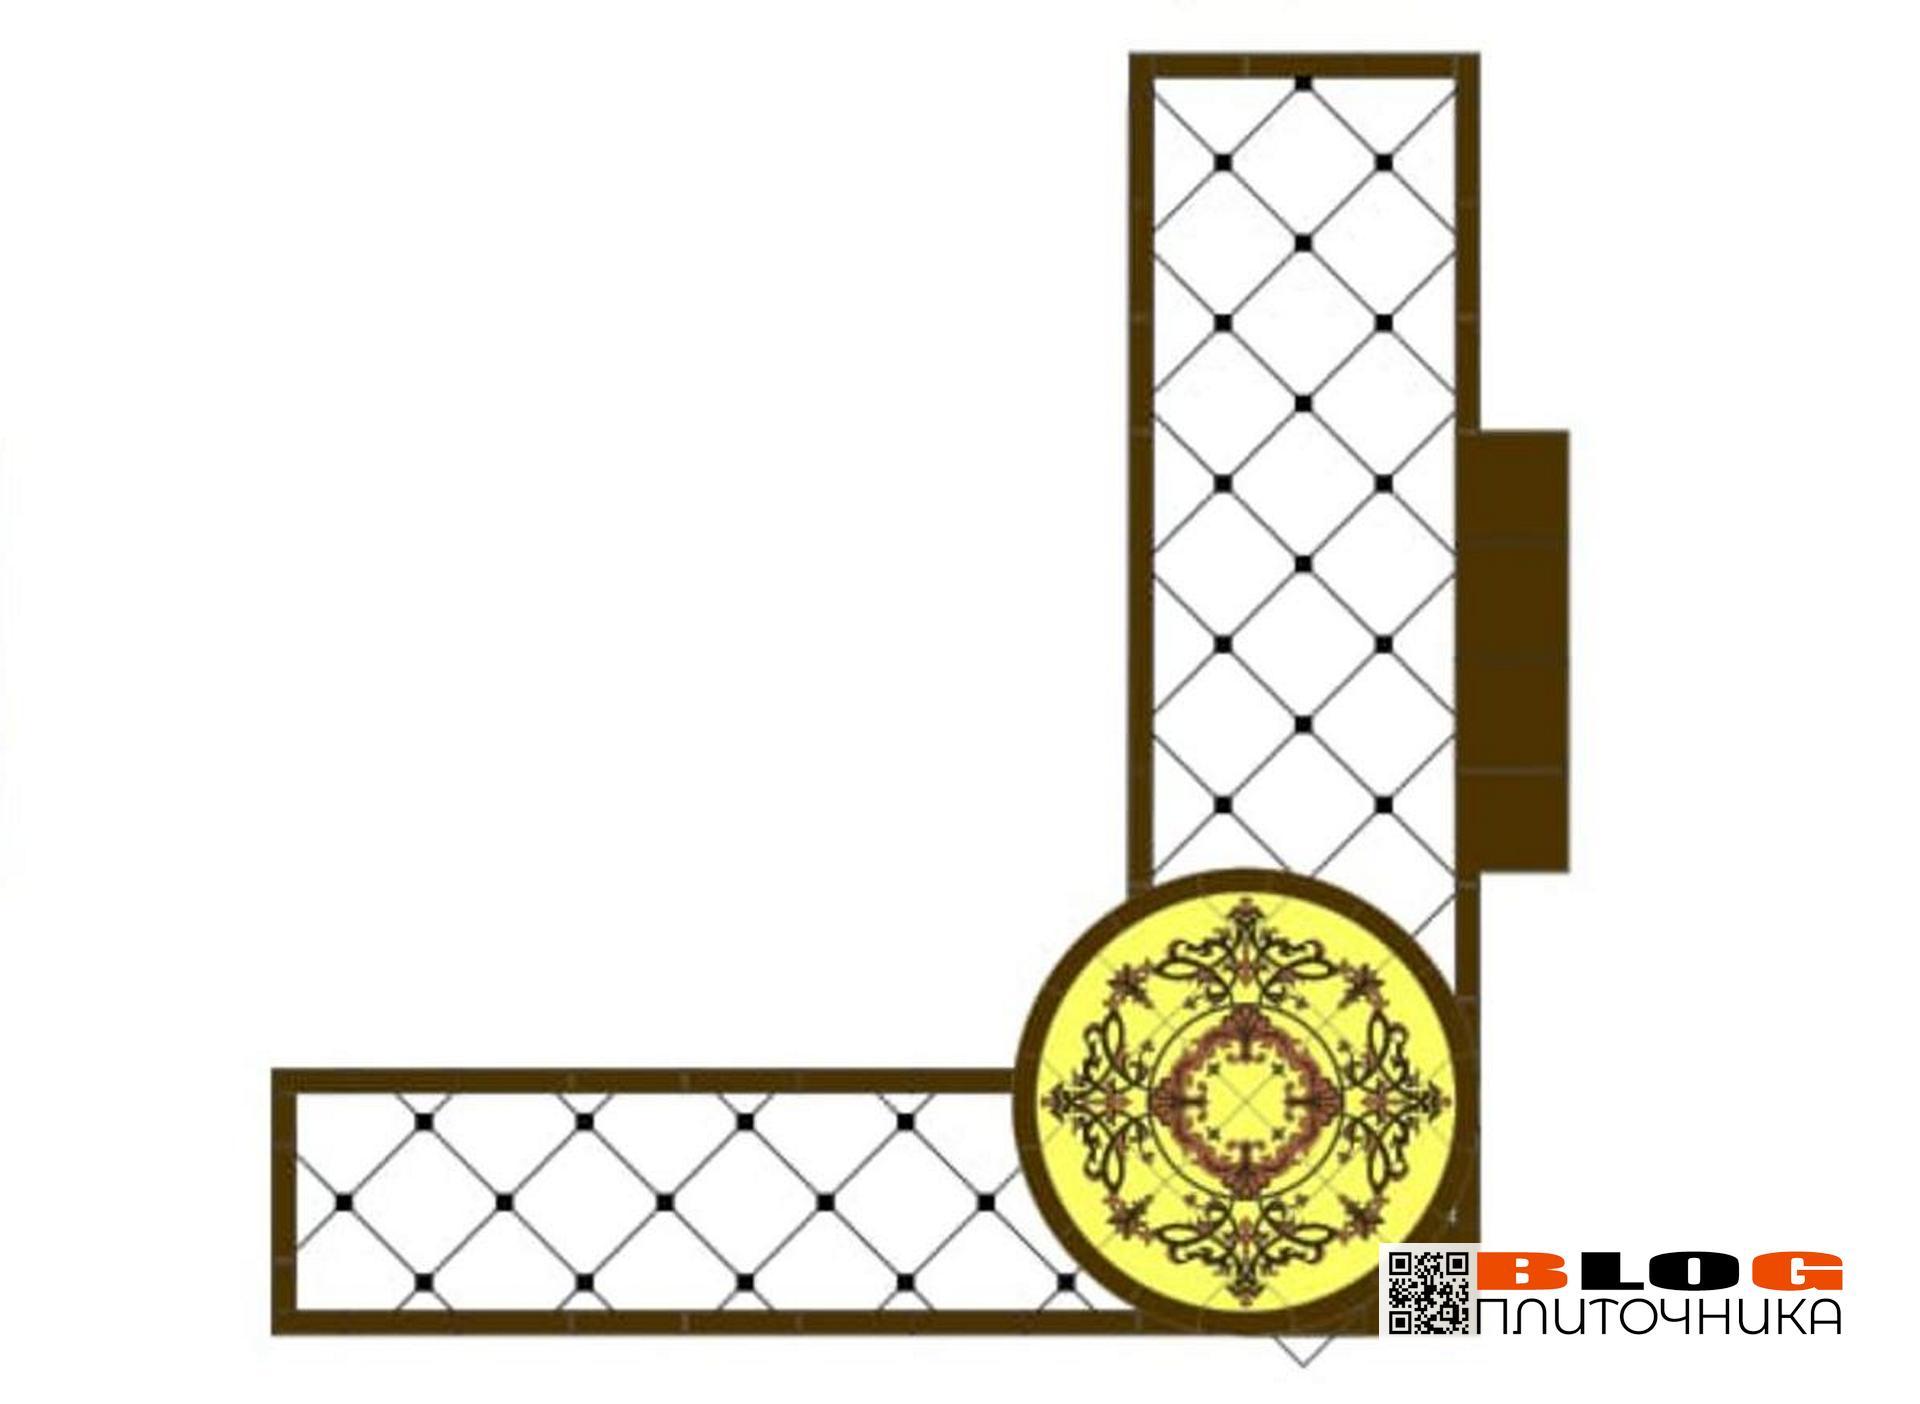 1.02 дизайн коридора из керемогранита и мозаики